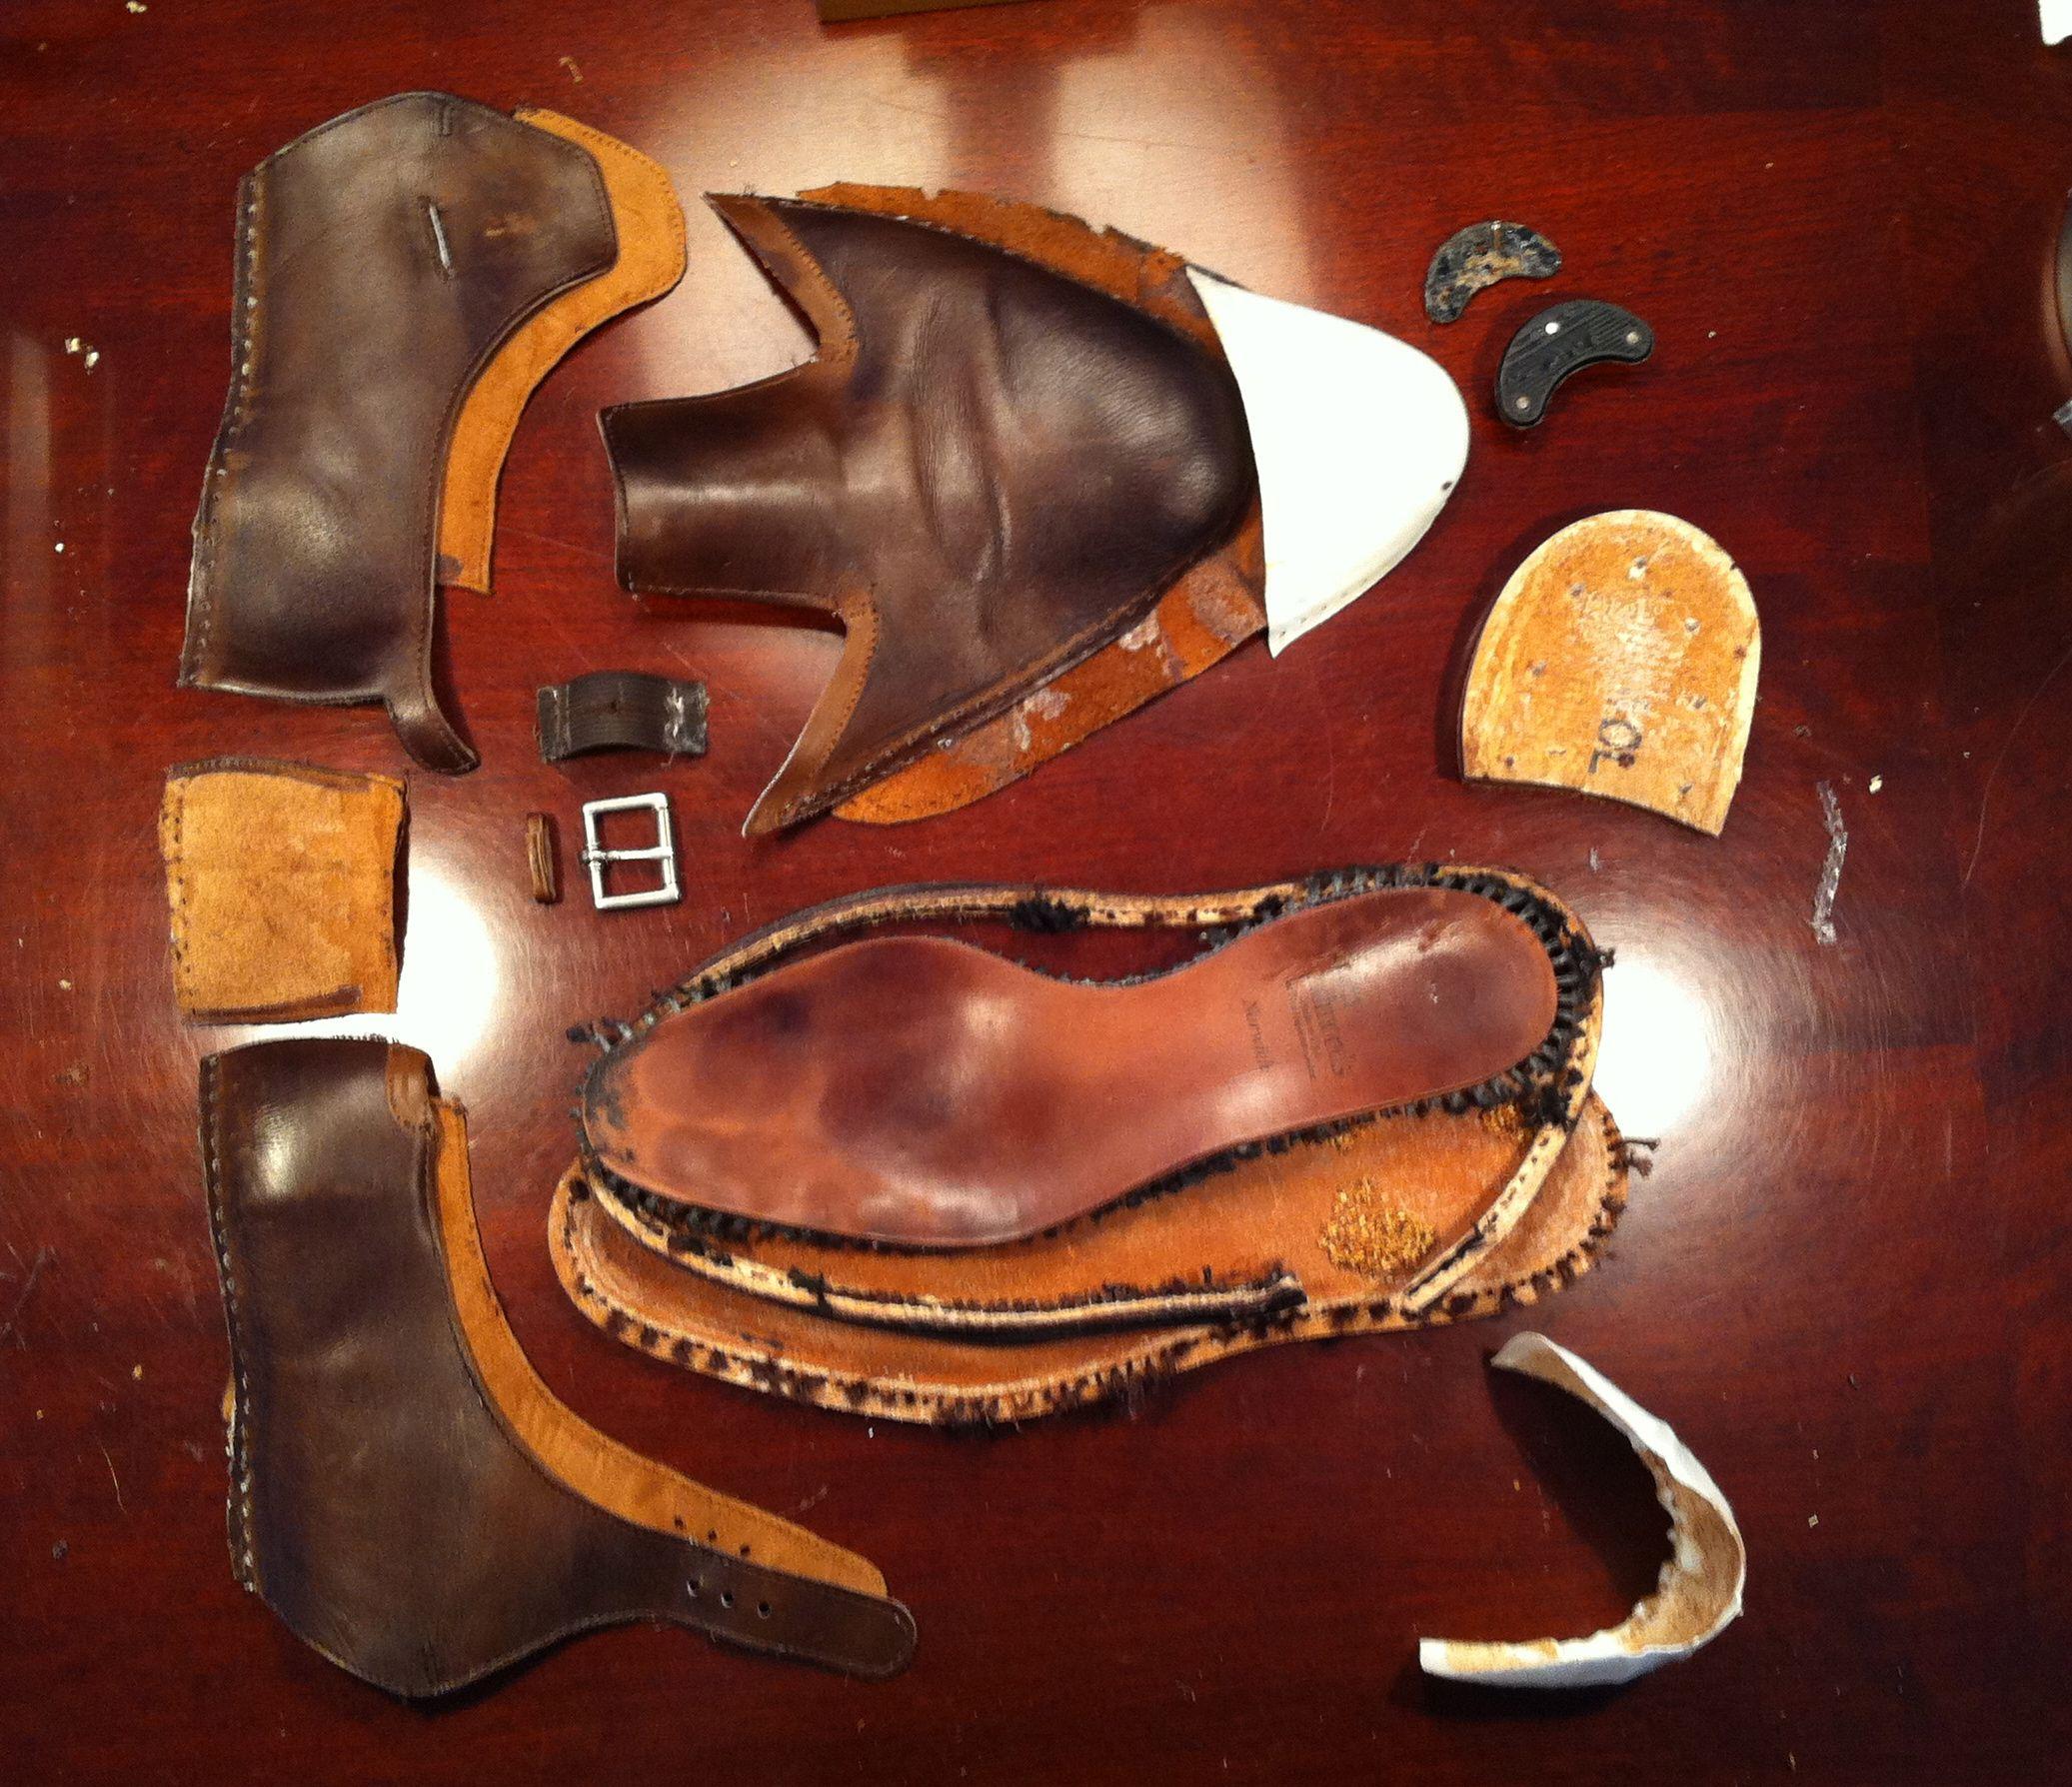 Une paire d'Allen Edmonds démontée, notez l'absence du cambrion. Selon eux leur couture spéciale machin chose leur permet de s'en passer. Foutaise. (Source : Reddit)